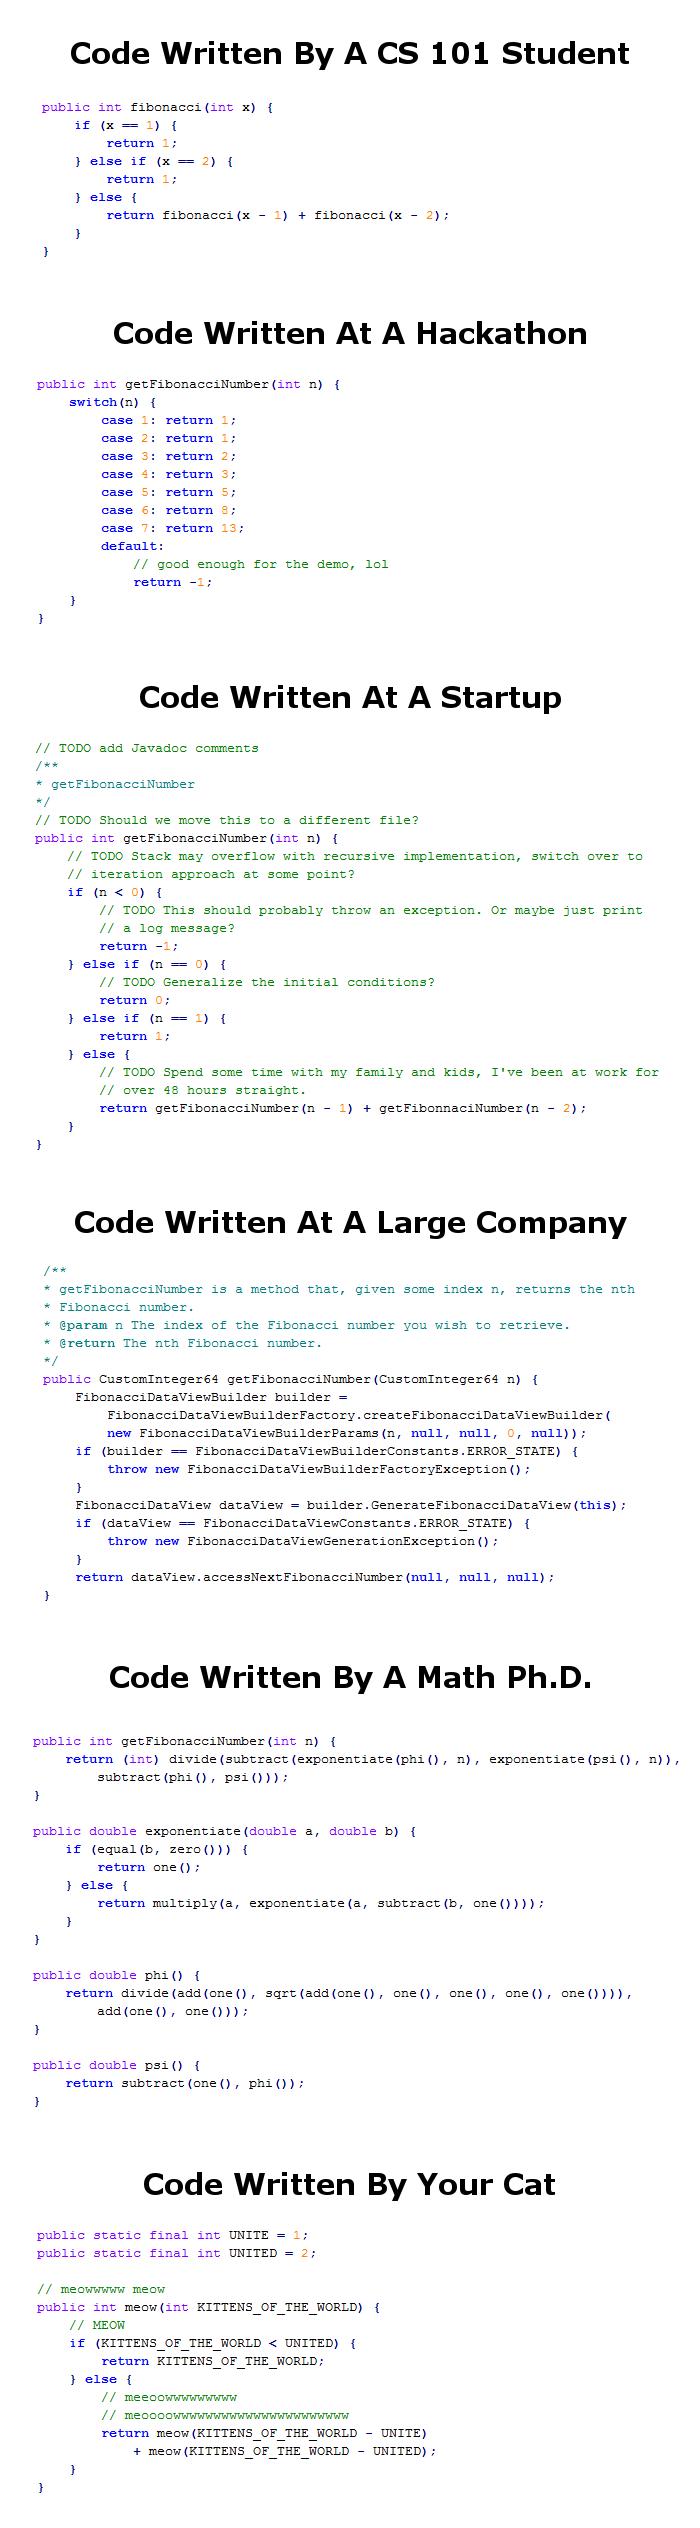 code styles